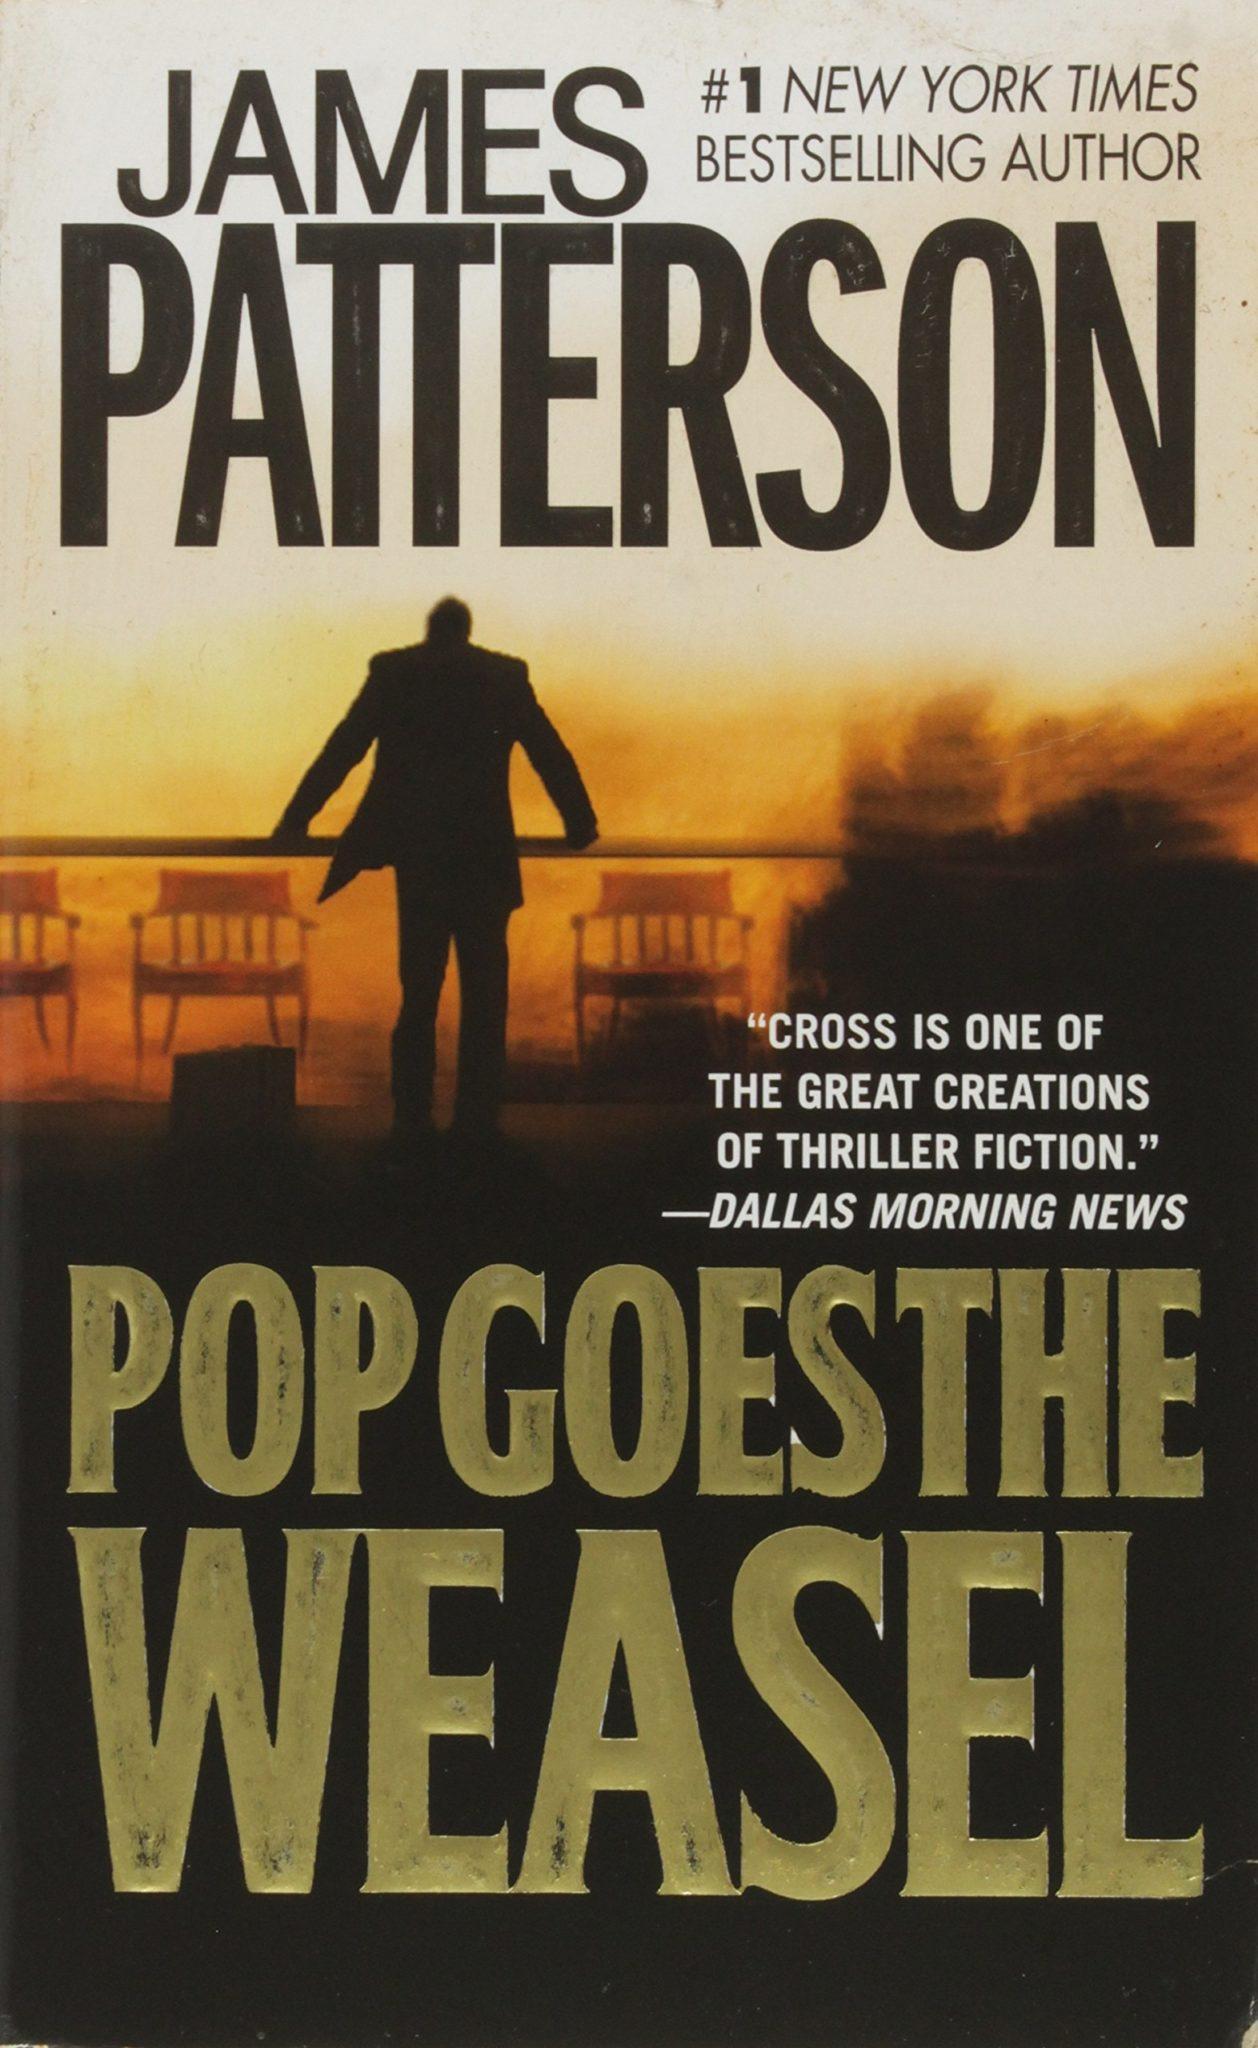 James Patterson books 11